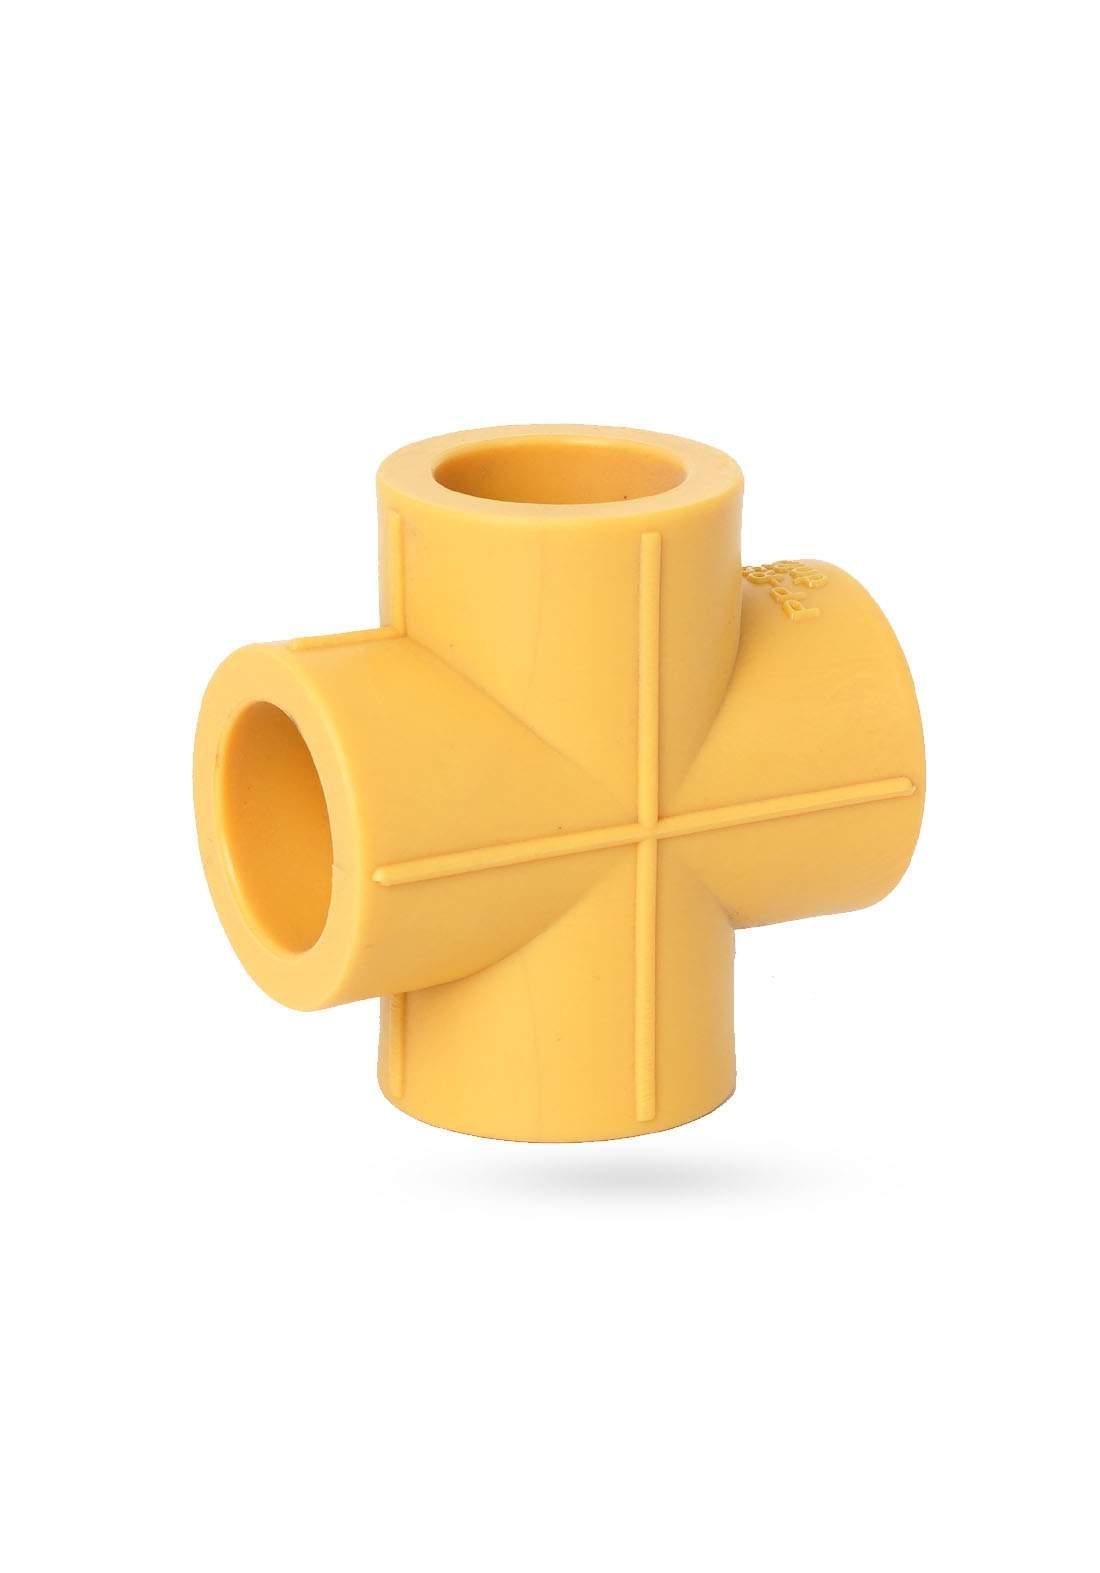 Wekts 5822 Water Dispenser 25 mm تقسيم انابيب المياه